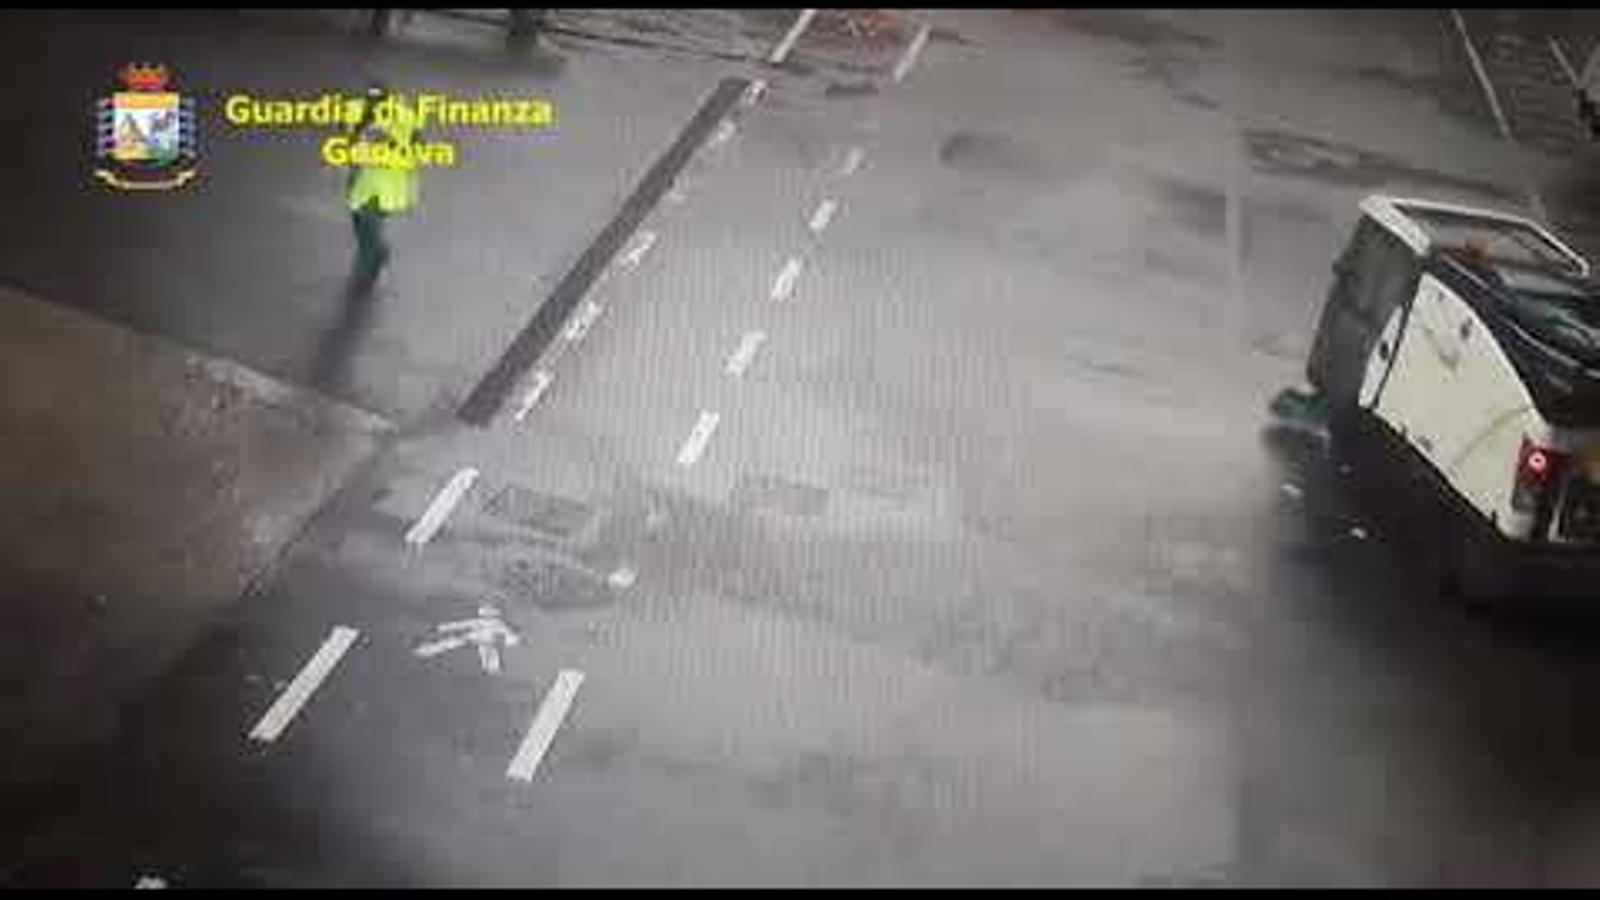 Vídeo de les càmeres de seguretat mostrant l'instant de l'esfondrament del pont